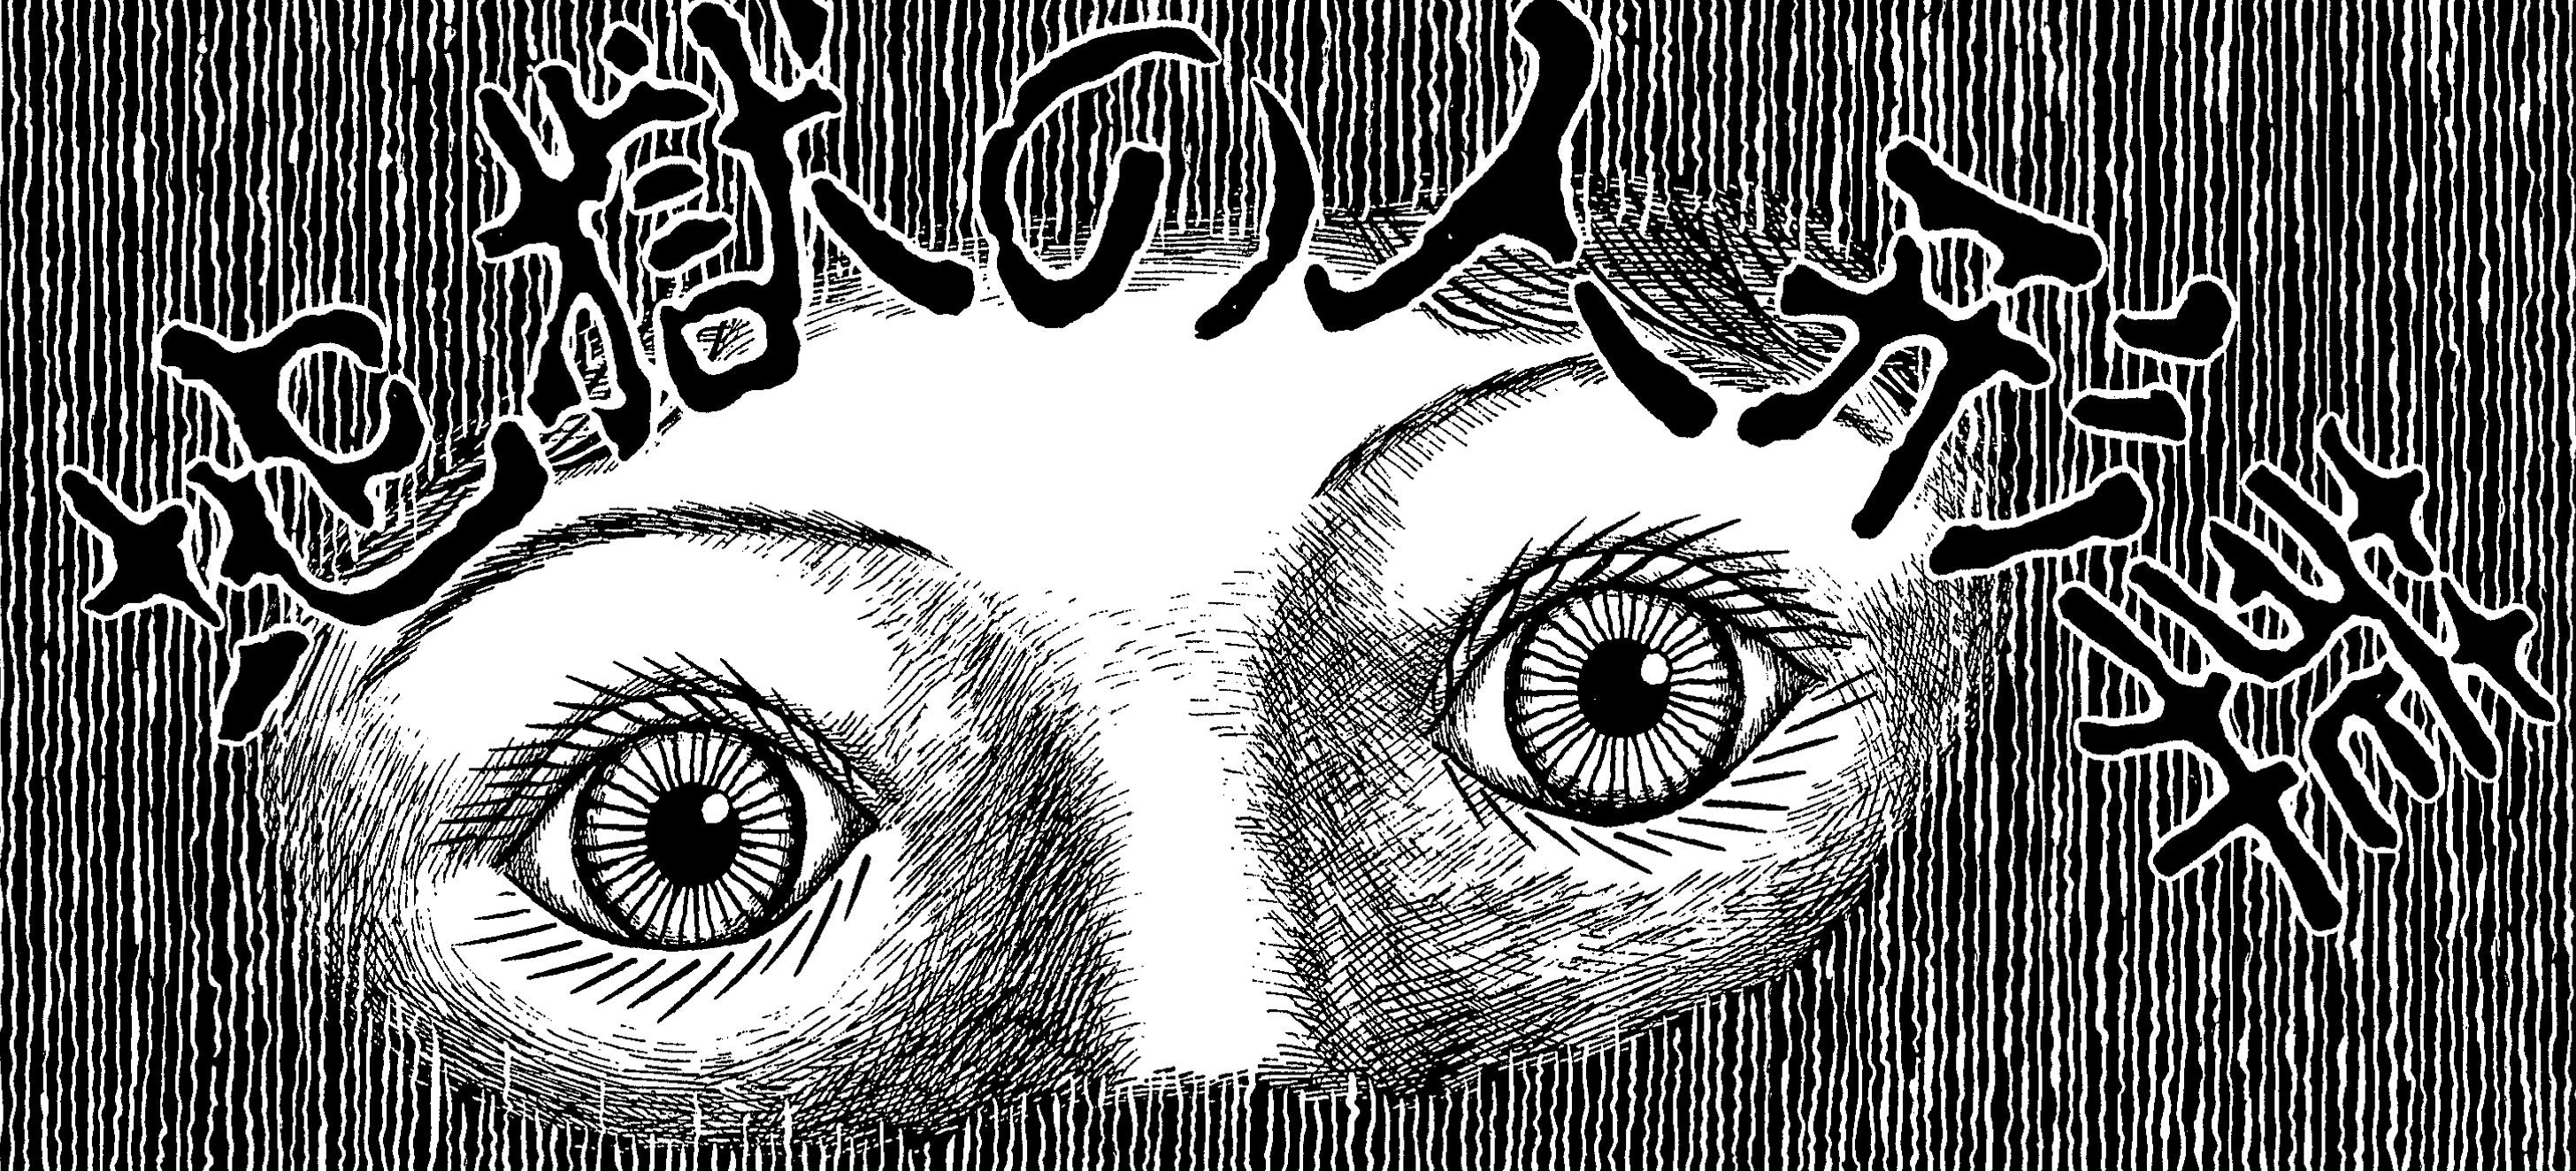 伊藤潤二傑作集「地獄の人形葬」